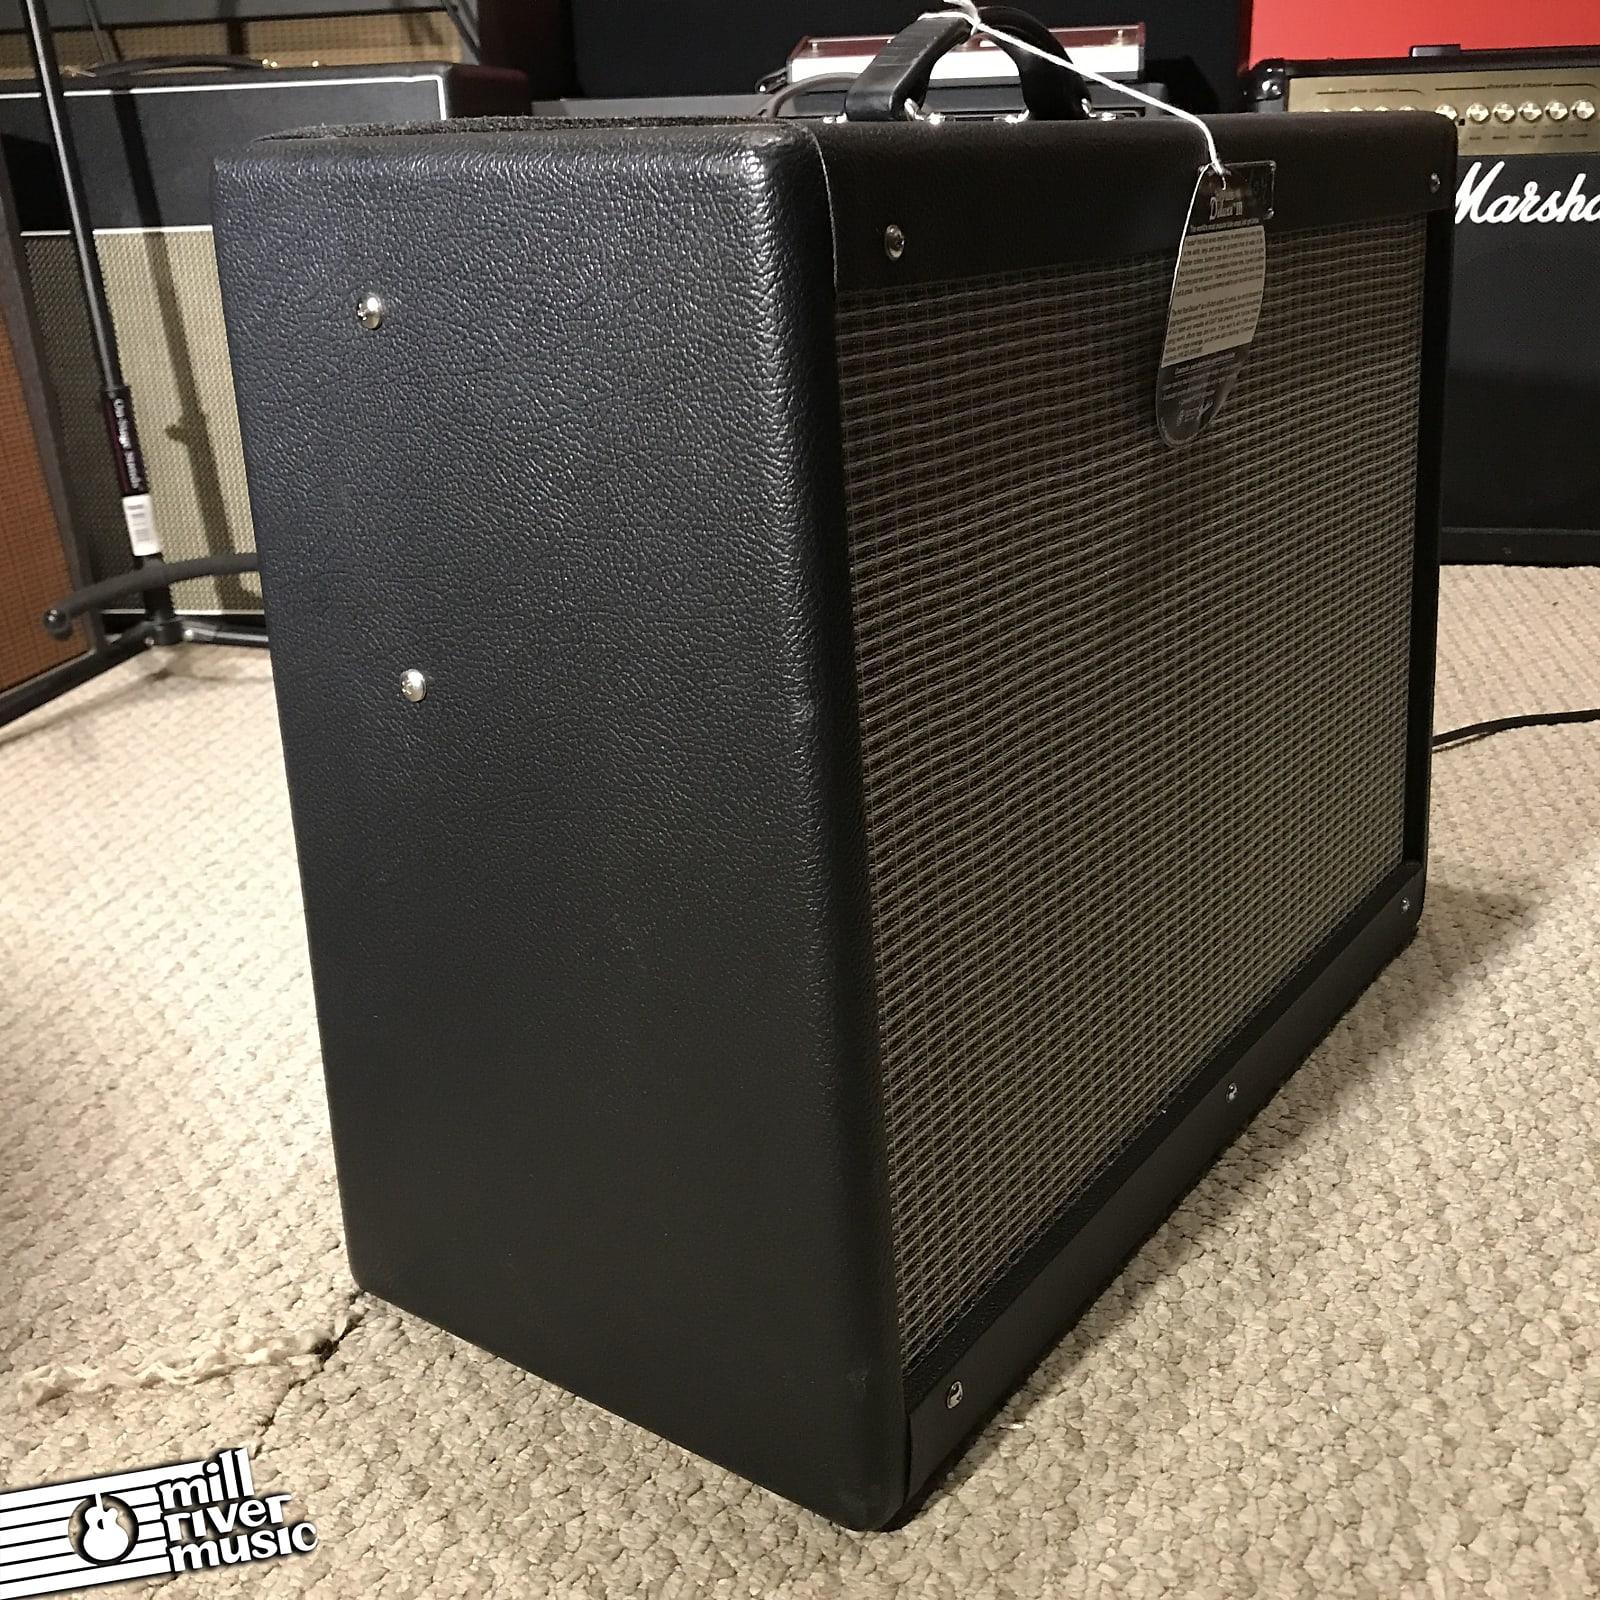 Fender Hot Rod Deluxe III 40W 1x12